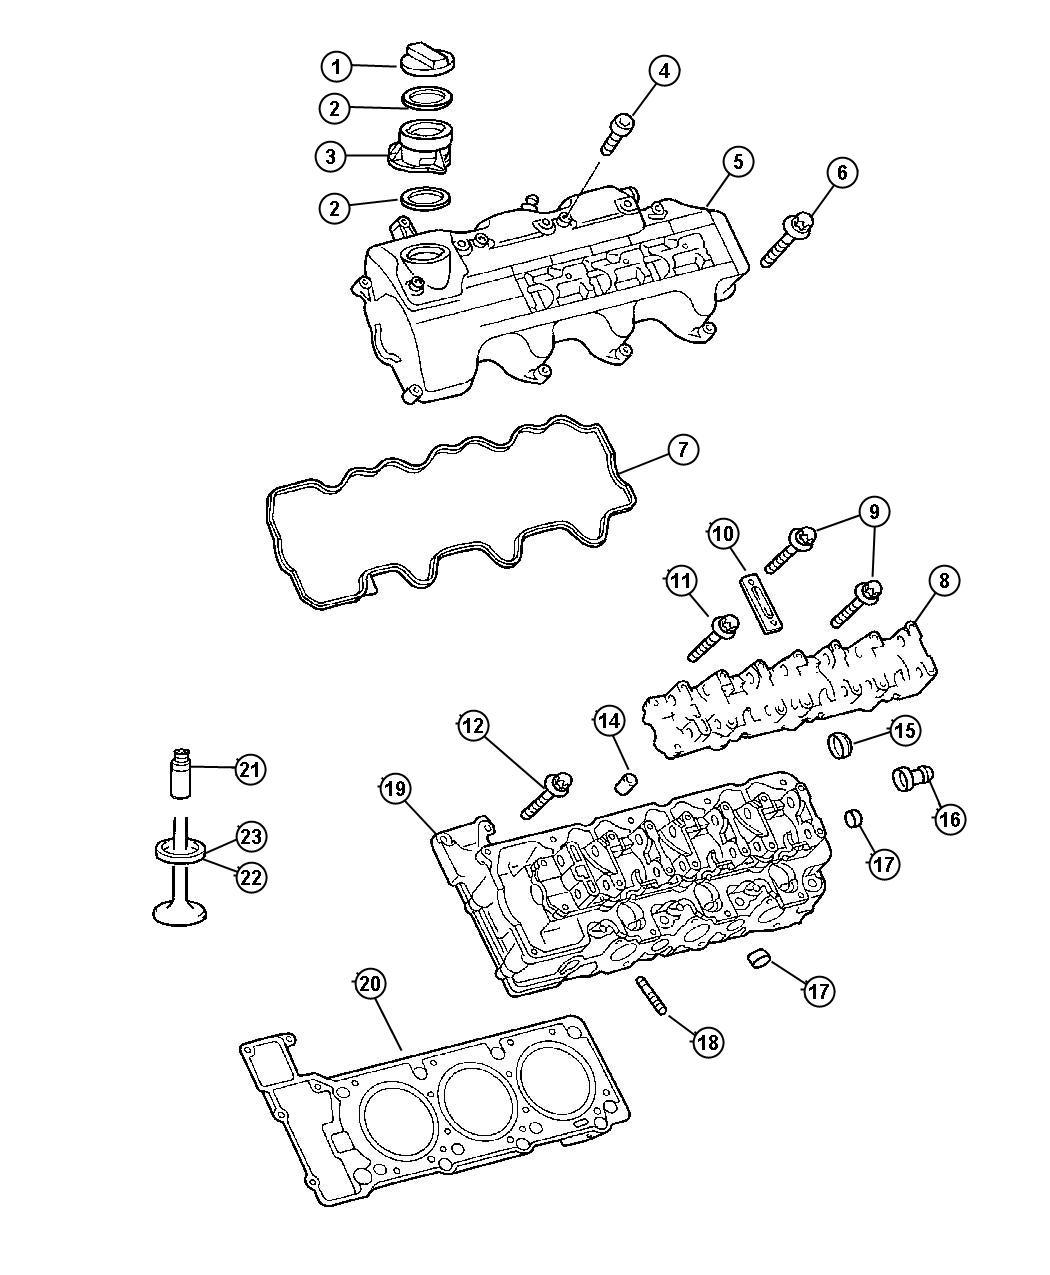 Dodge Viper Cap Oil Filler Cylinder Head Engine